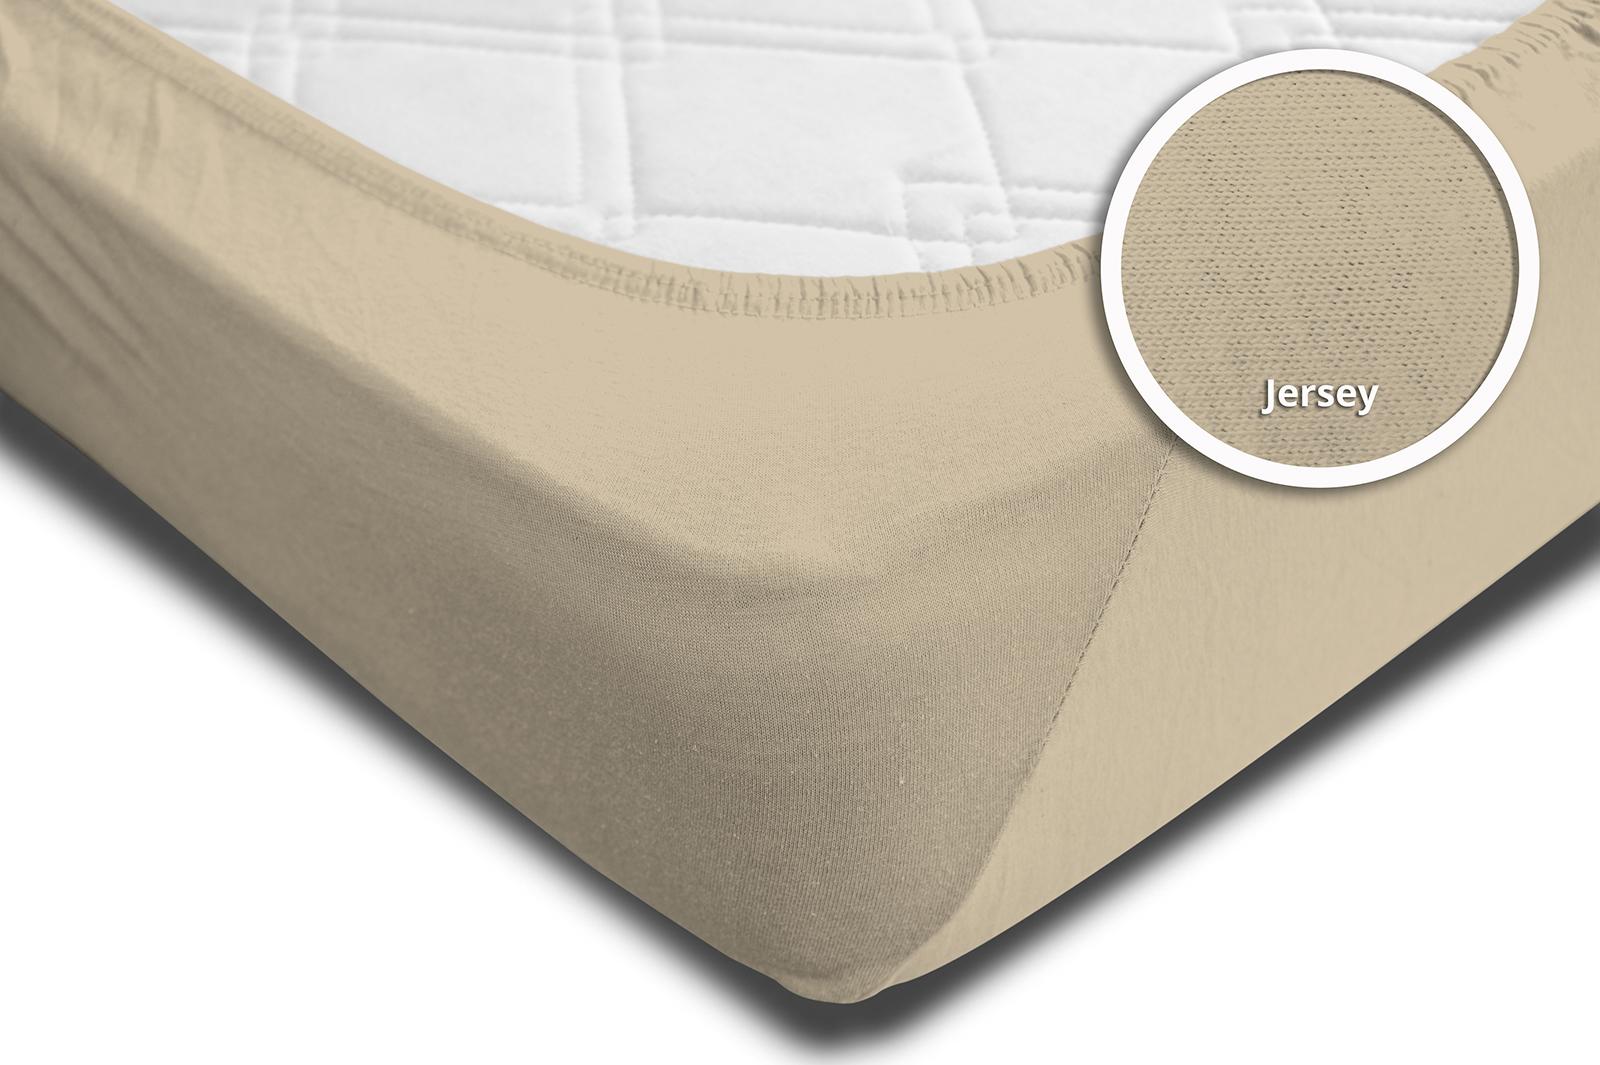 spannbettlaken spannbetttuch beige sand 90x200 cm 100x200 cm jersey baumwolle spannbettlaken. Black Bedroom Furniture Sets. Home Design Ideas